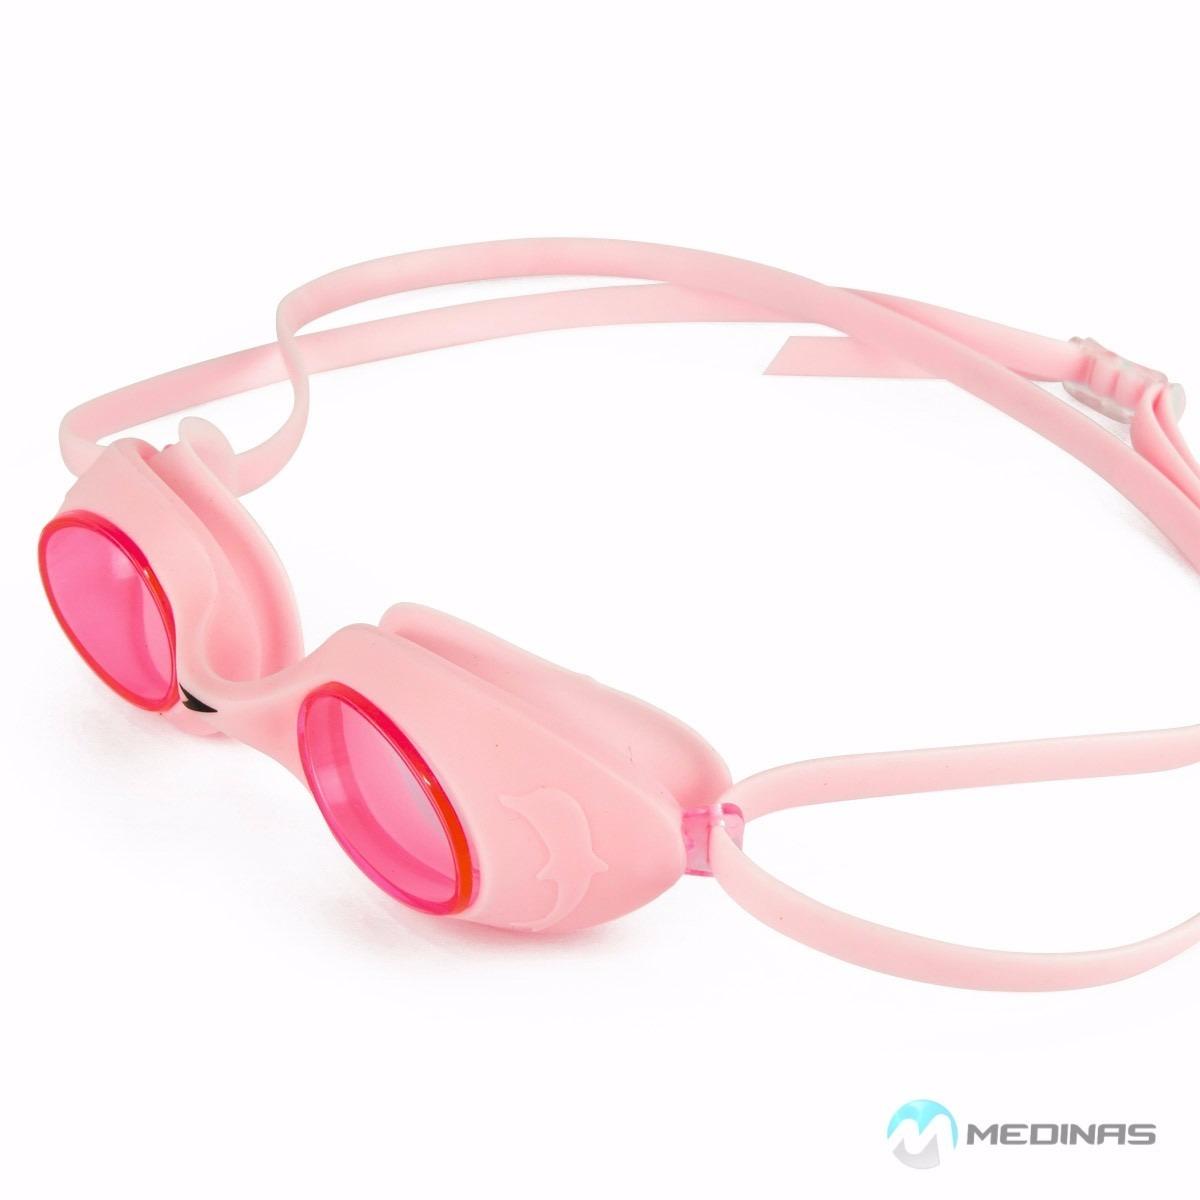 c38ecb1c0e1b0 Óculos De Natação Speedo - Flipper - Rosa - R  39,00 em Mercado Livre